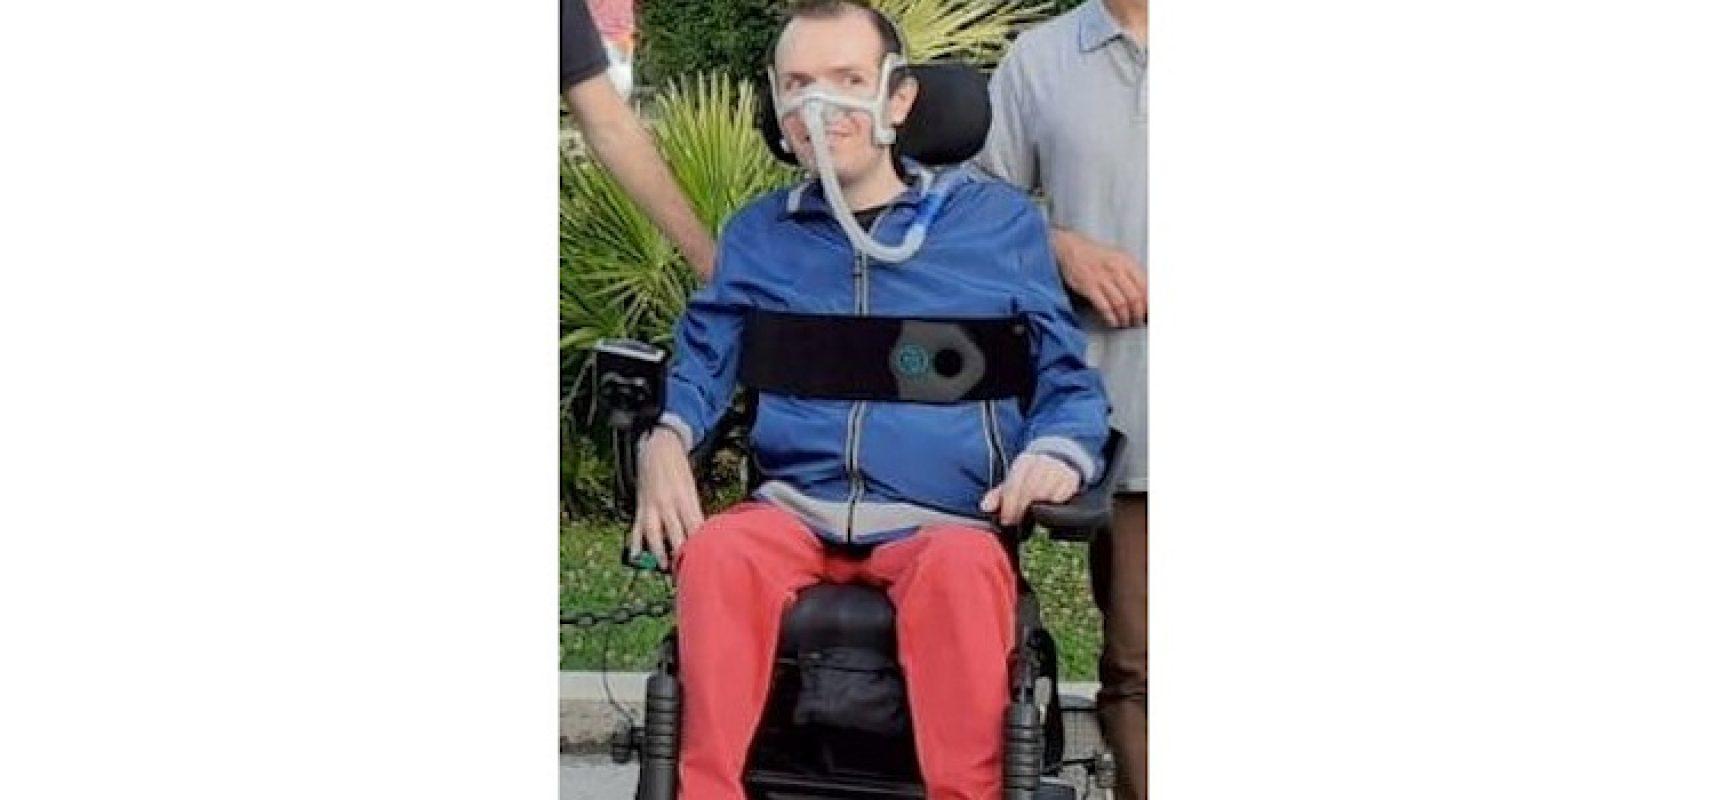 """Procede raccolta fondi in favore del biscegliese Donato Ventura: """"Un'auto per le visite mediche"""""""